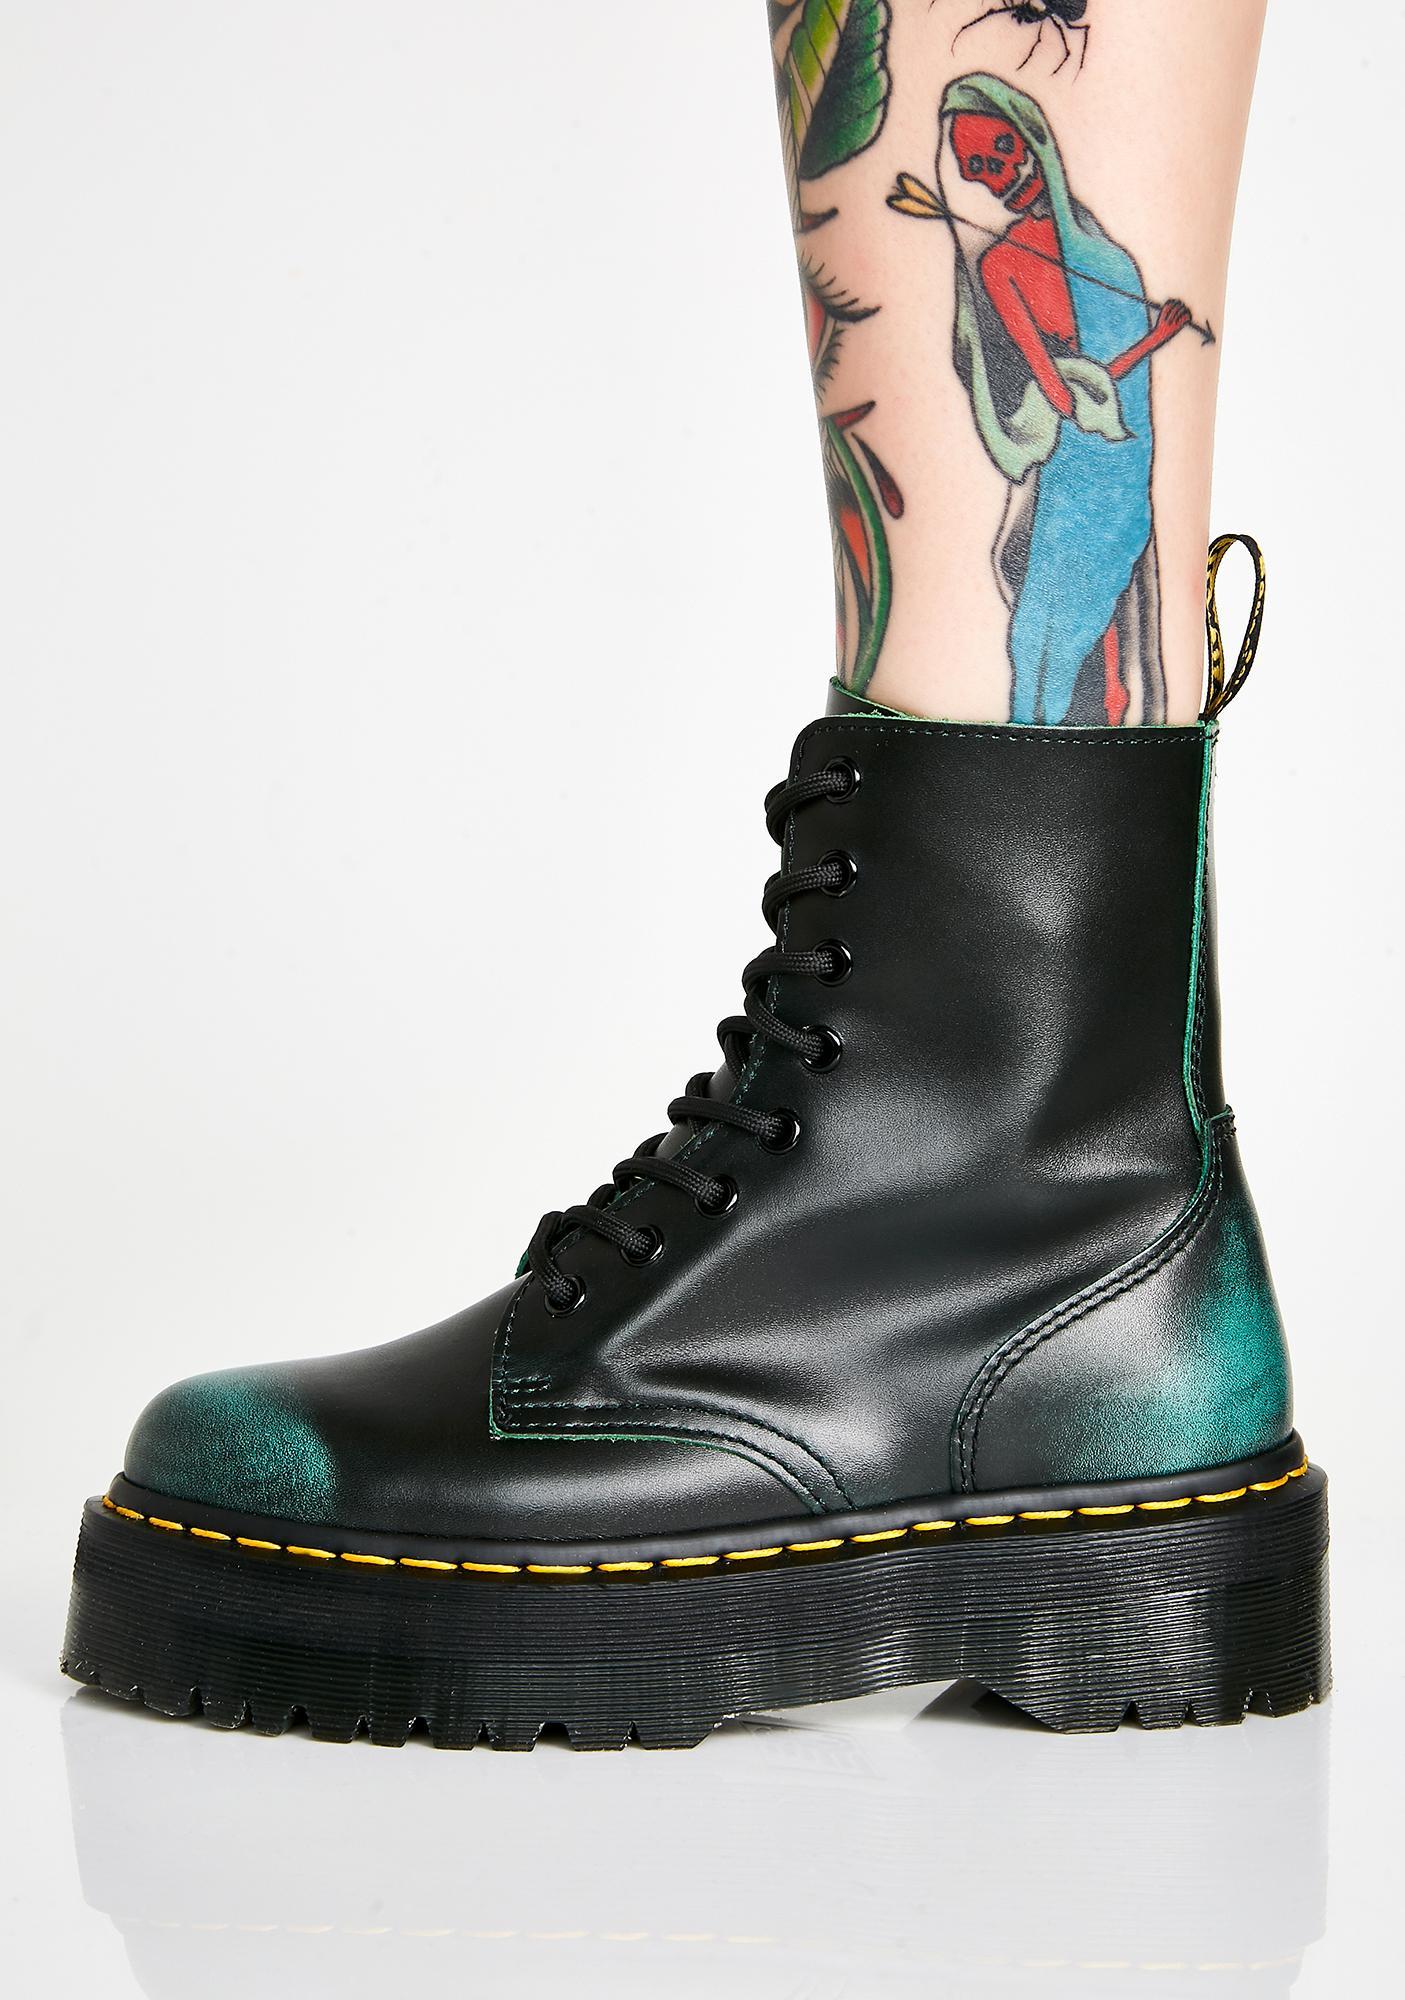 Dr. Martens Jadon Vintage Boots